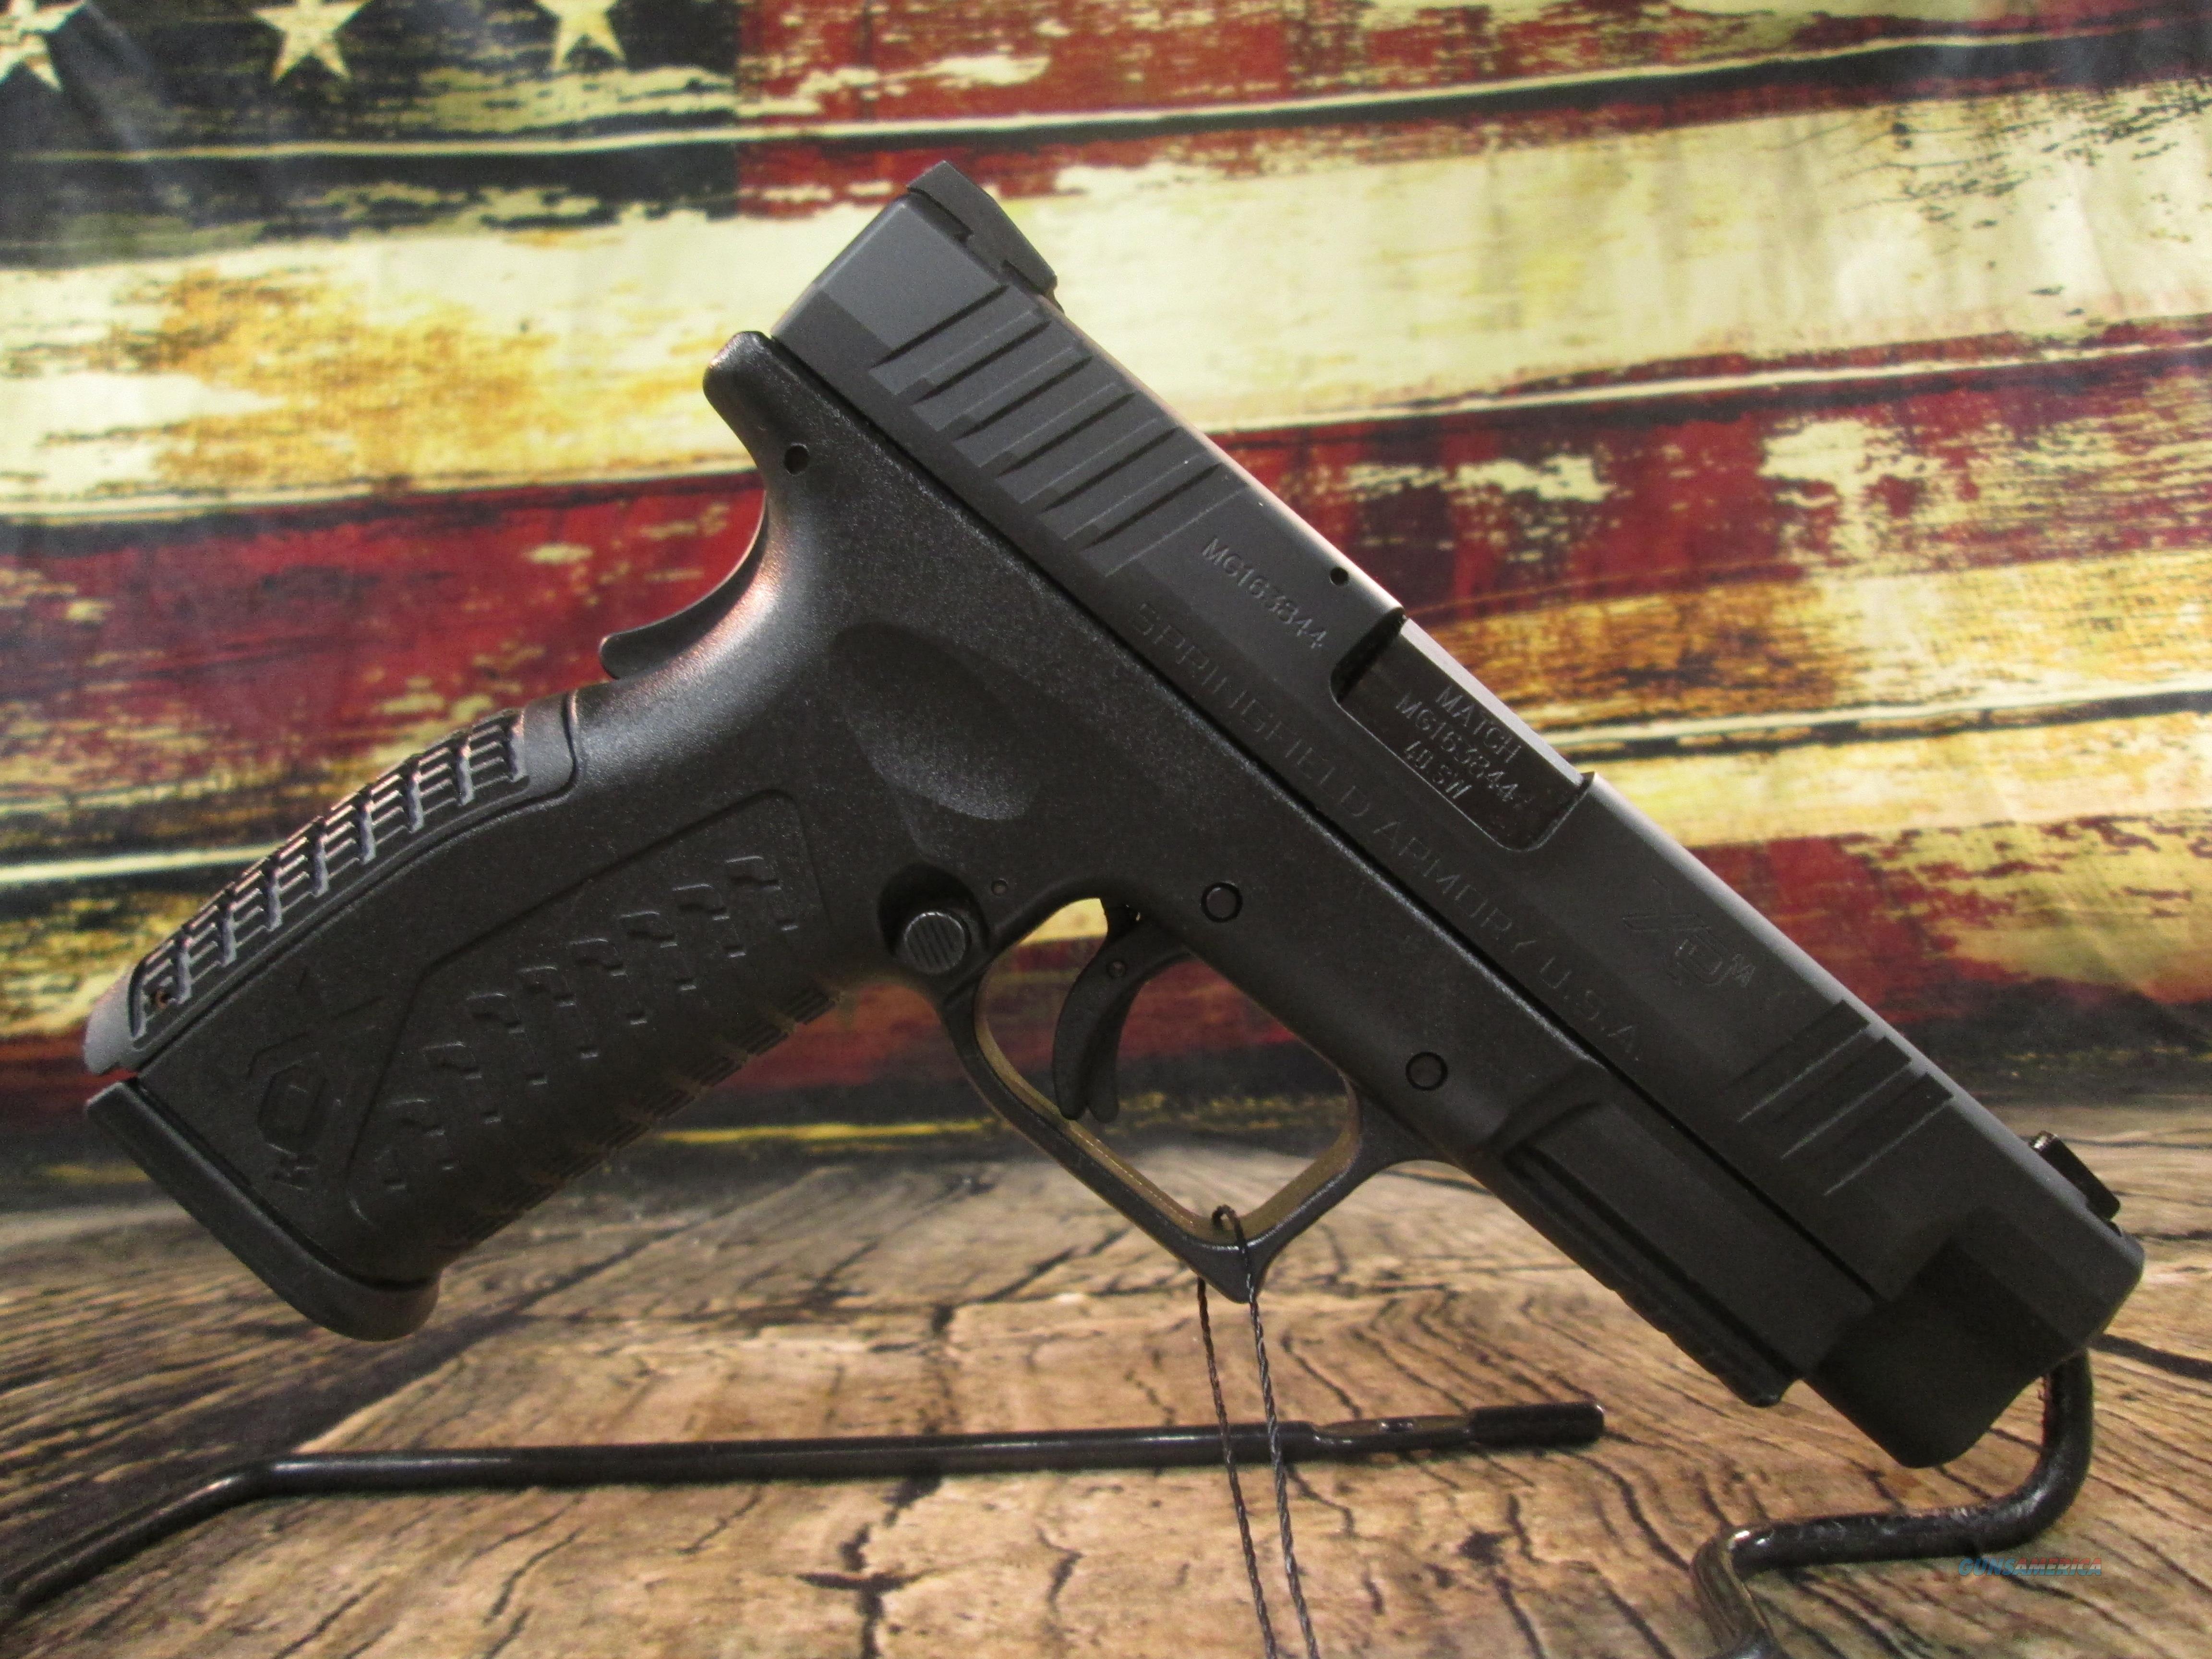 """Springfield XDM 4.5"""" w/ XD-Gear 40 S&W Used (64645)  Guns > Pistols > Springfield Armory Pistols > XD-M"""